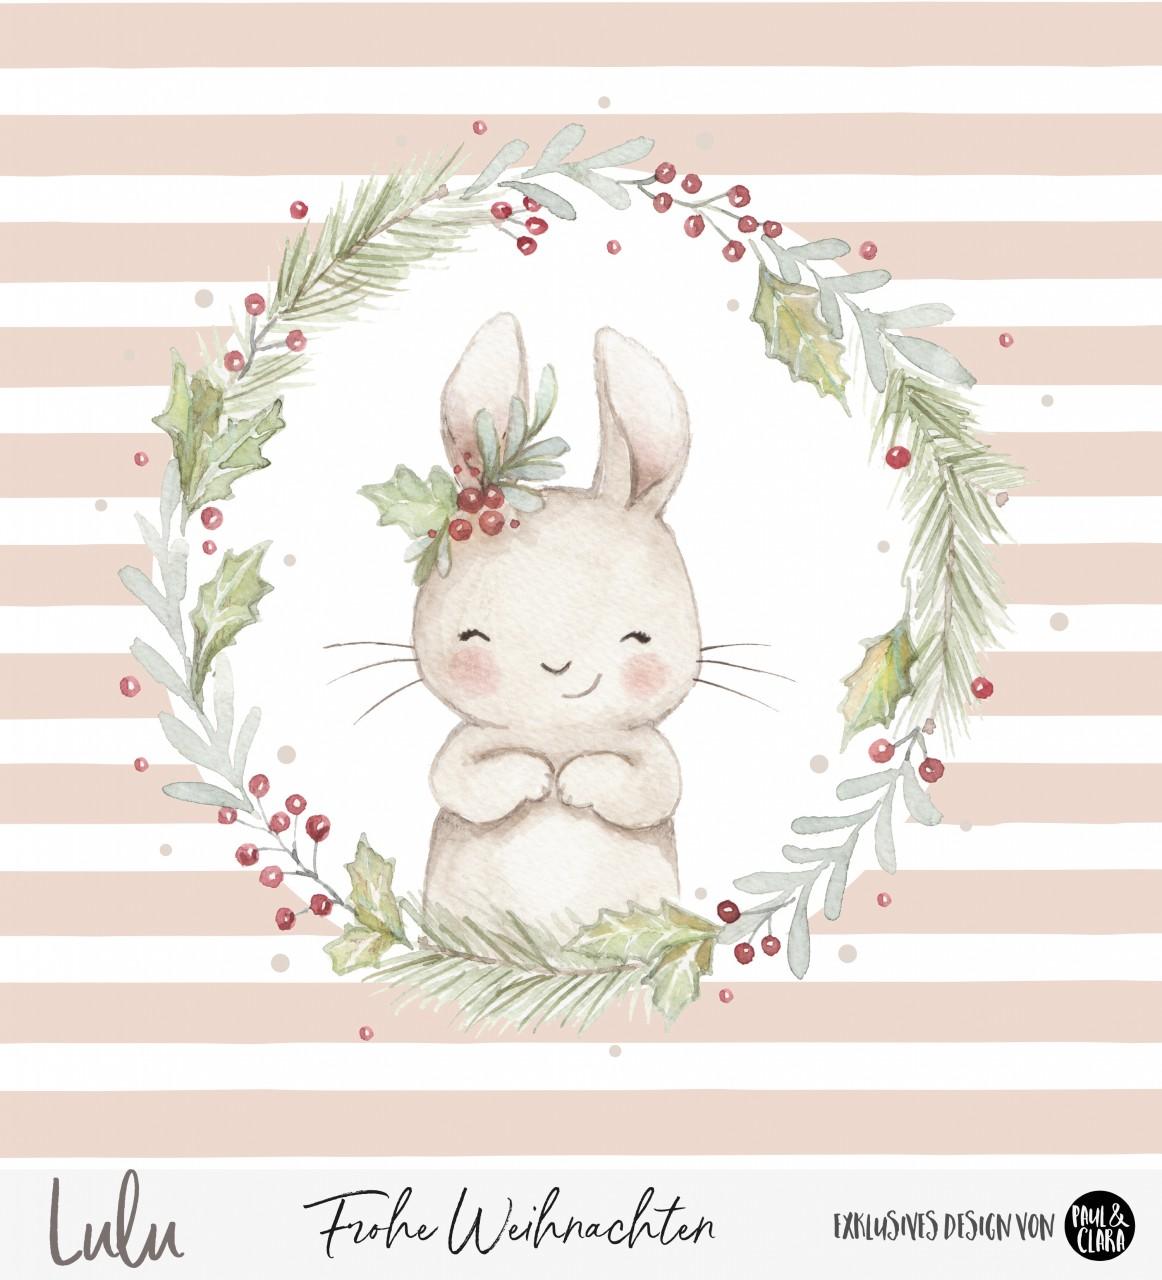 Lulu Weihnachten - Panel Rosa 60 cm *Bio-Sommersweat*